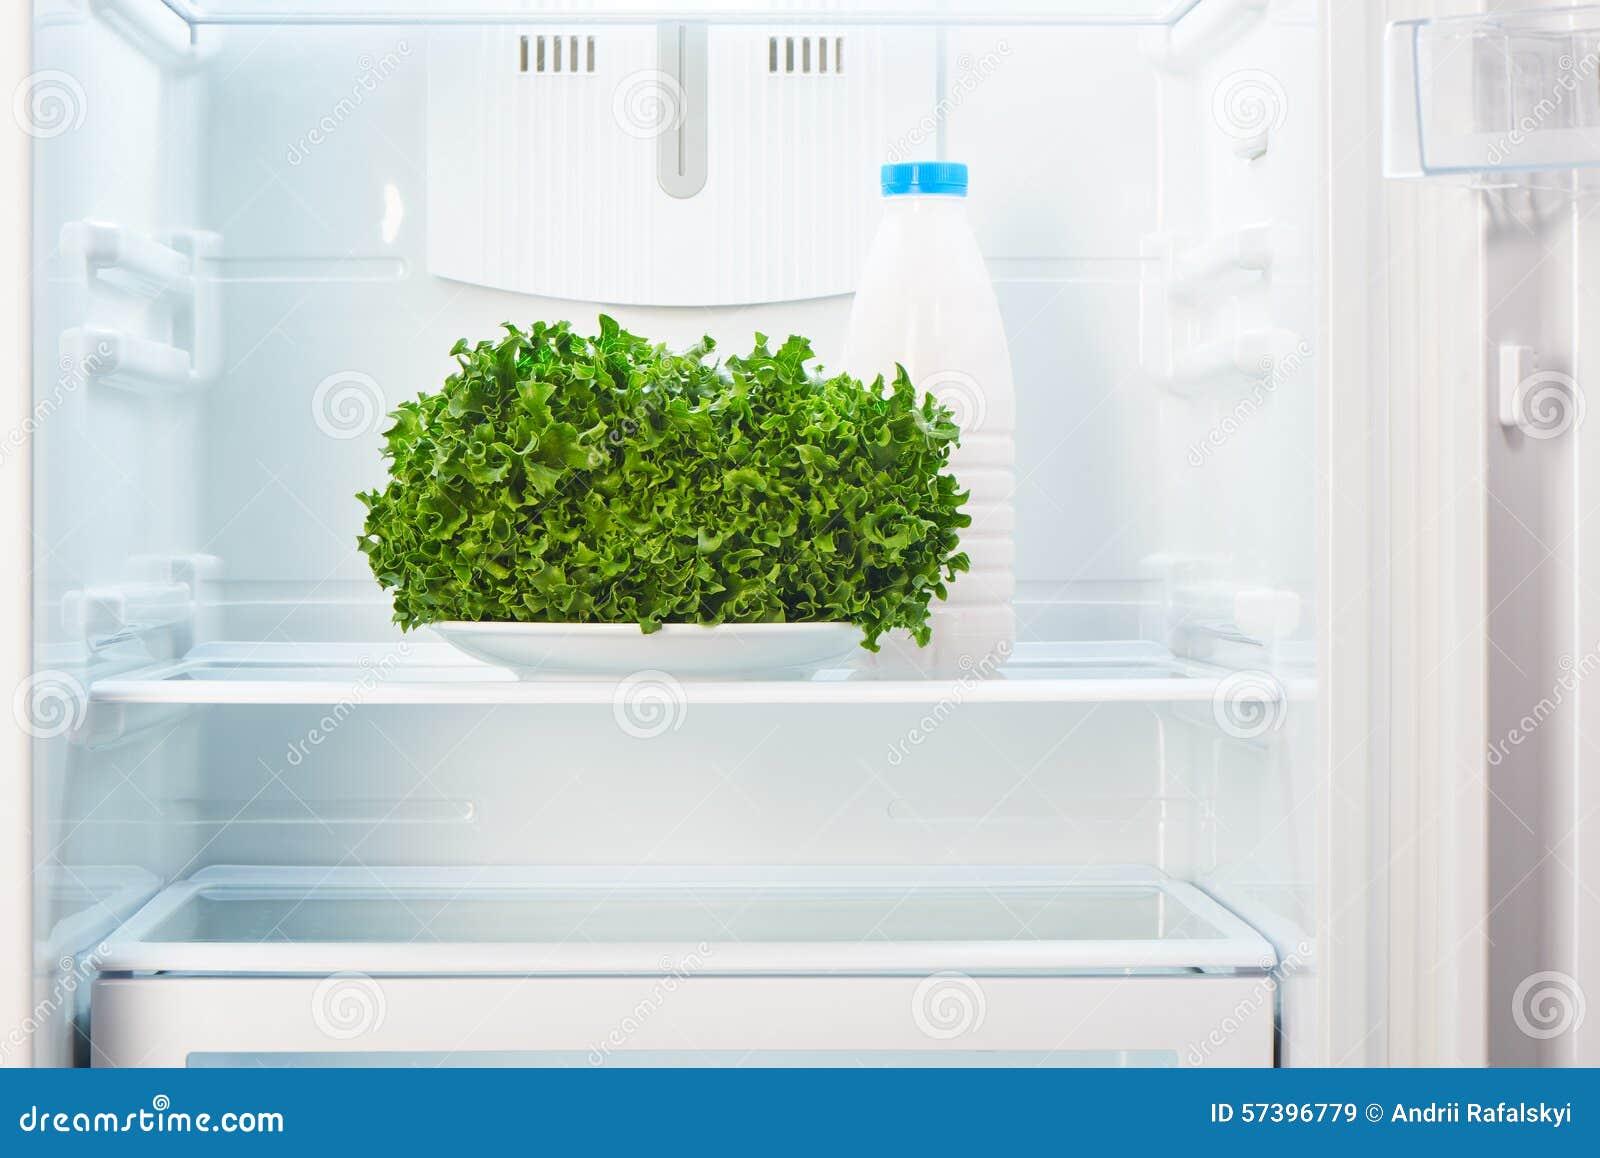 Kühlschrank Platte : Grüner salat auf weißer platte und einer glasflasche jogurt im